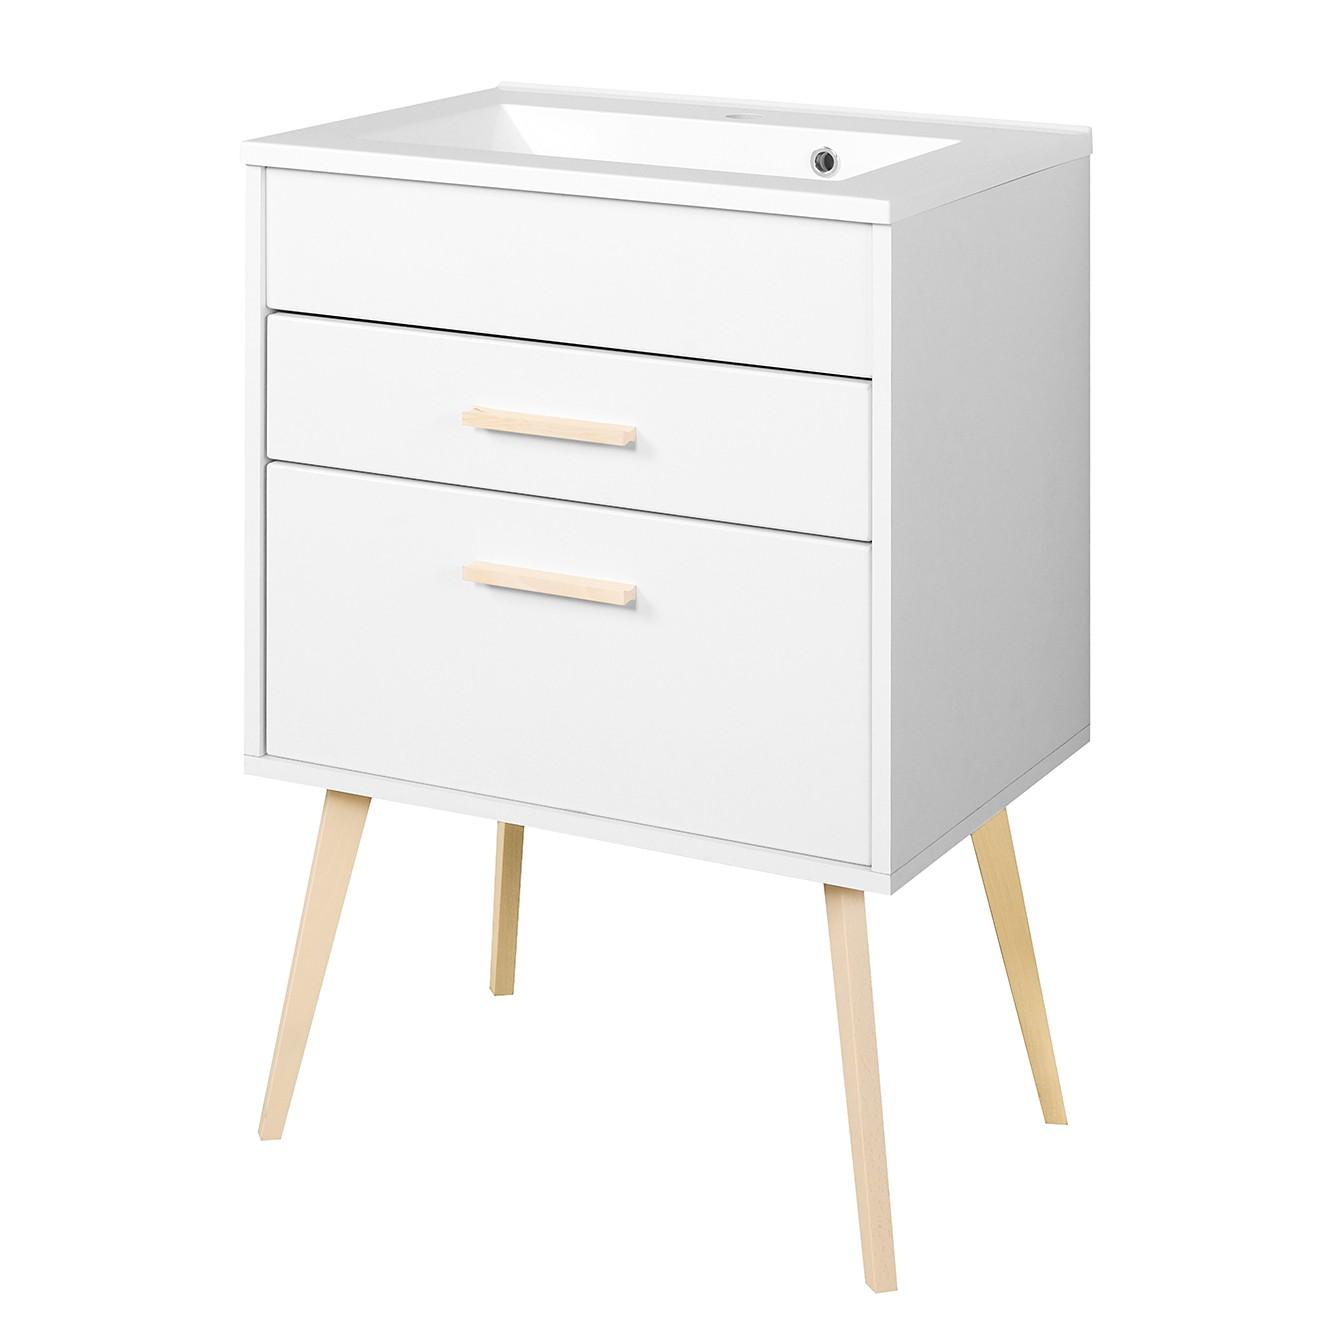 meuble lavabo oslo partiellement en h tre massif blanc mat 60 cm. Black Bedroom Furniture Sets. Home Design Ideas